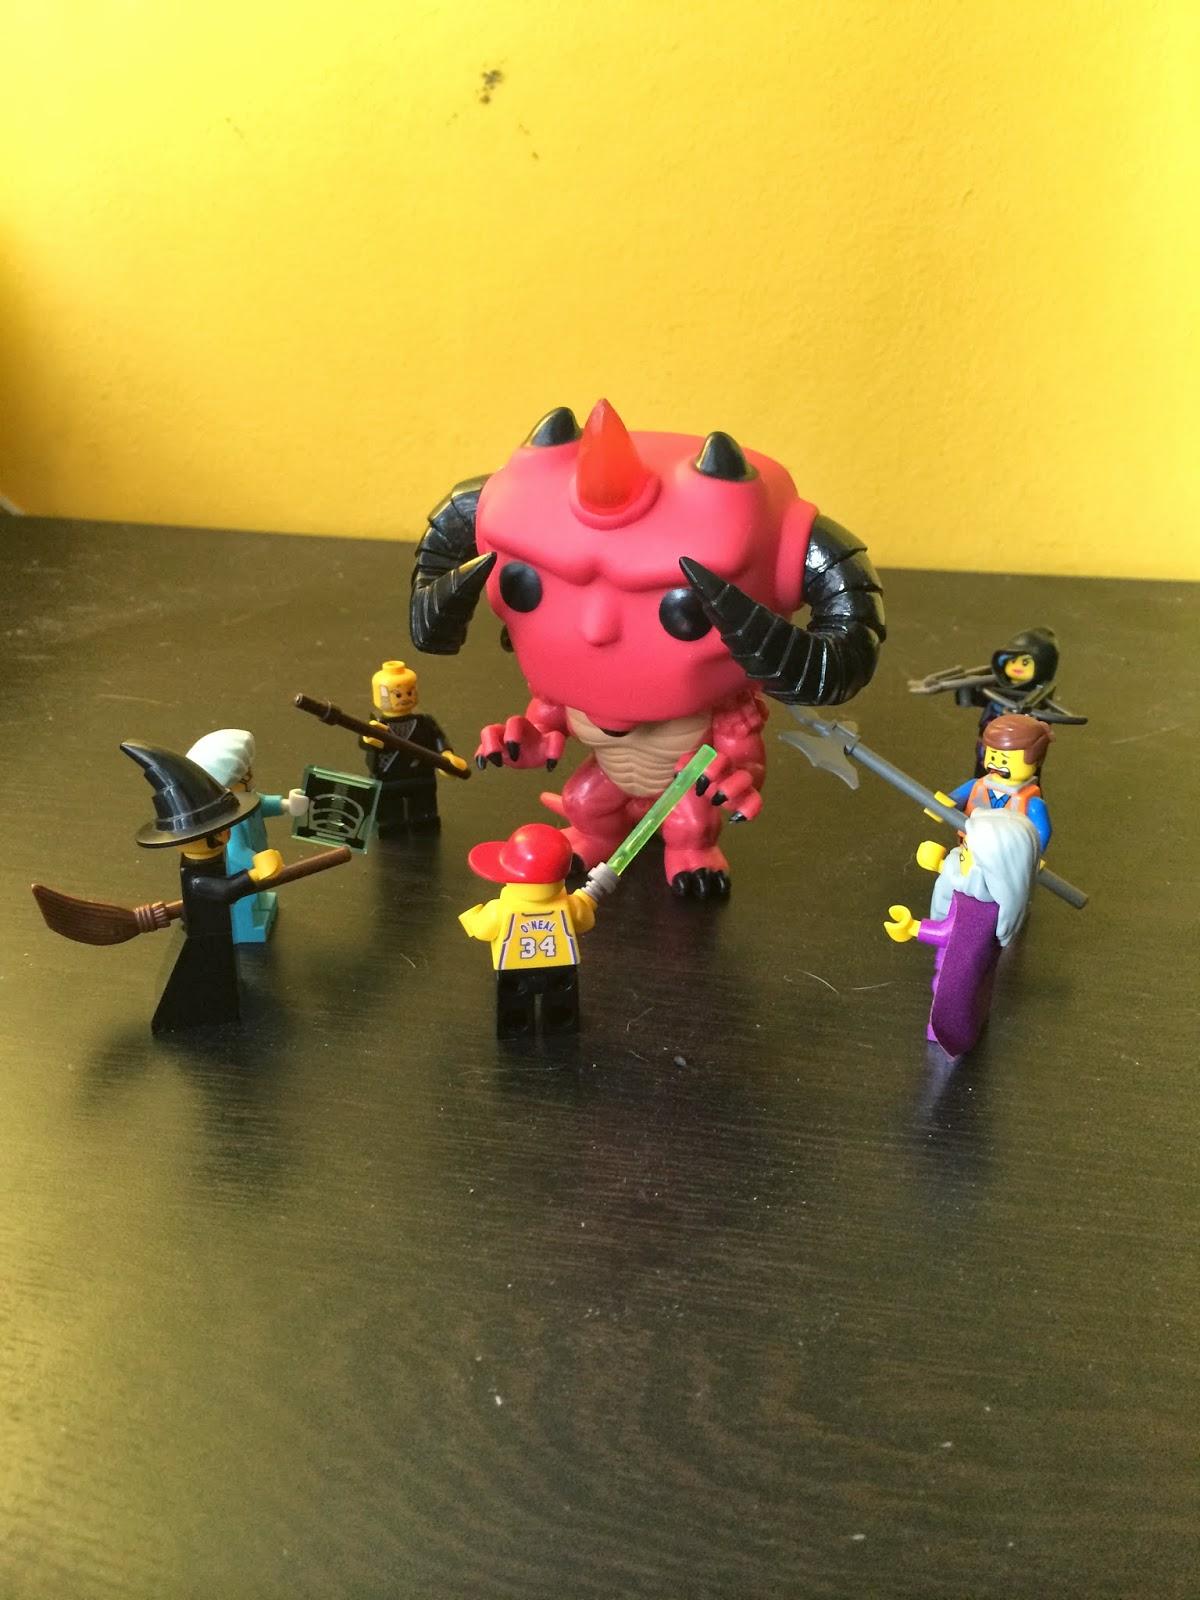 Lego Diablo 3 Angel Tyrael | Diablo 3 has reawakened my gami… | Flickr